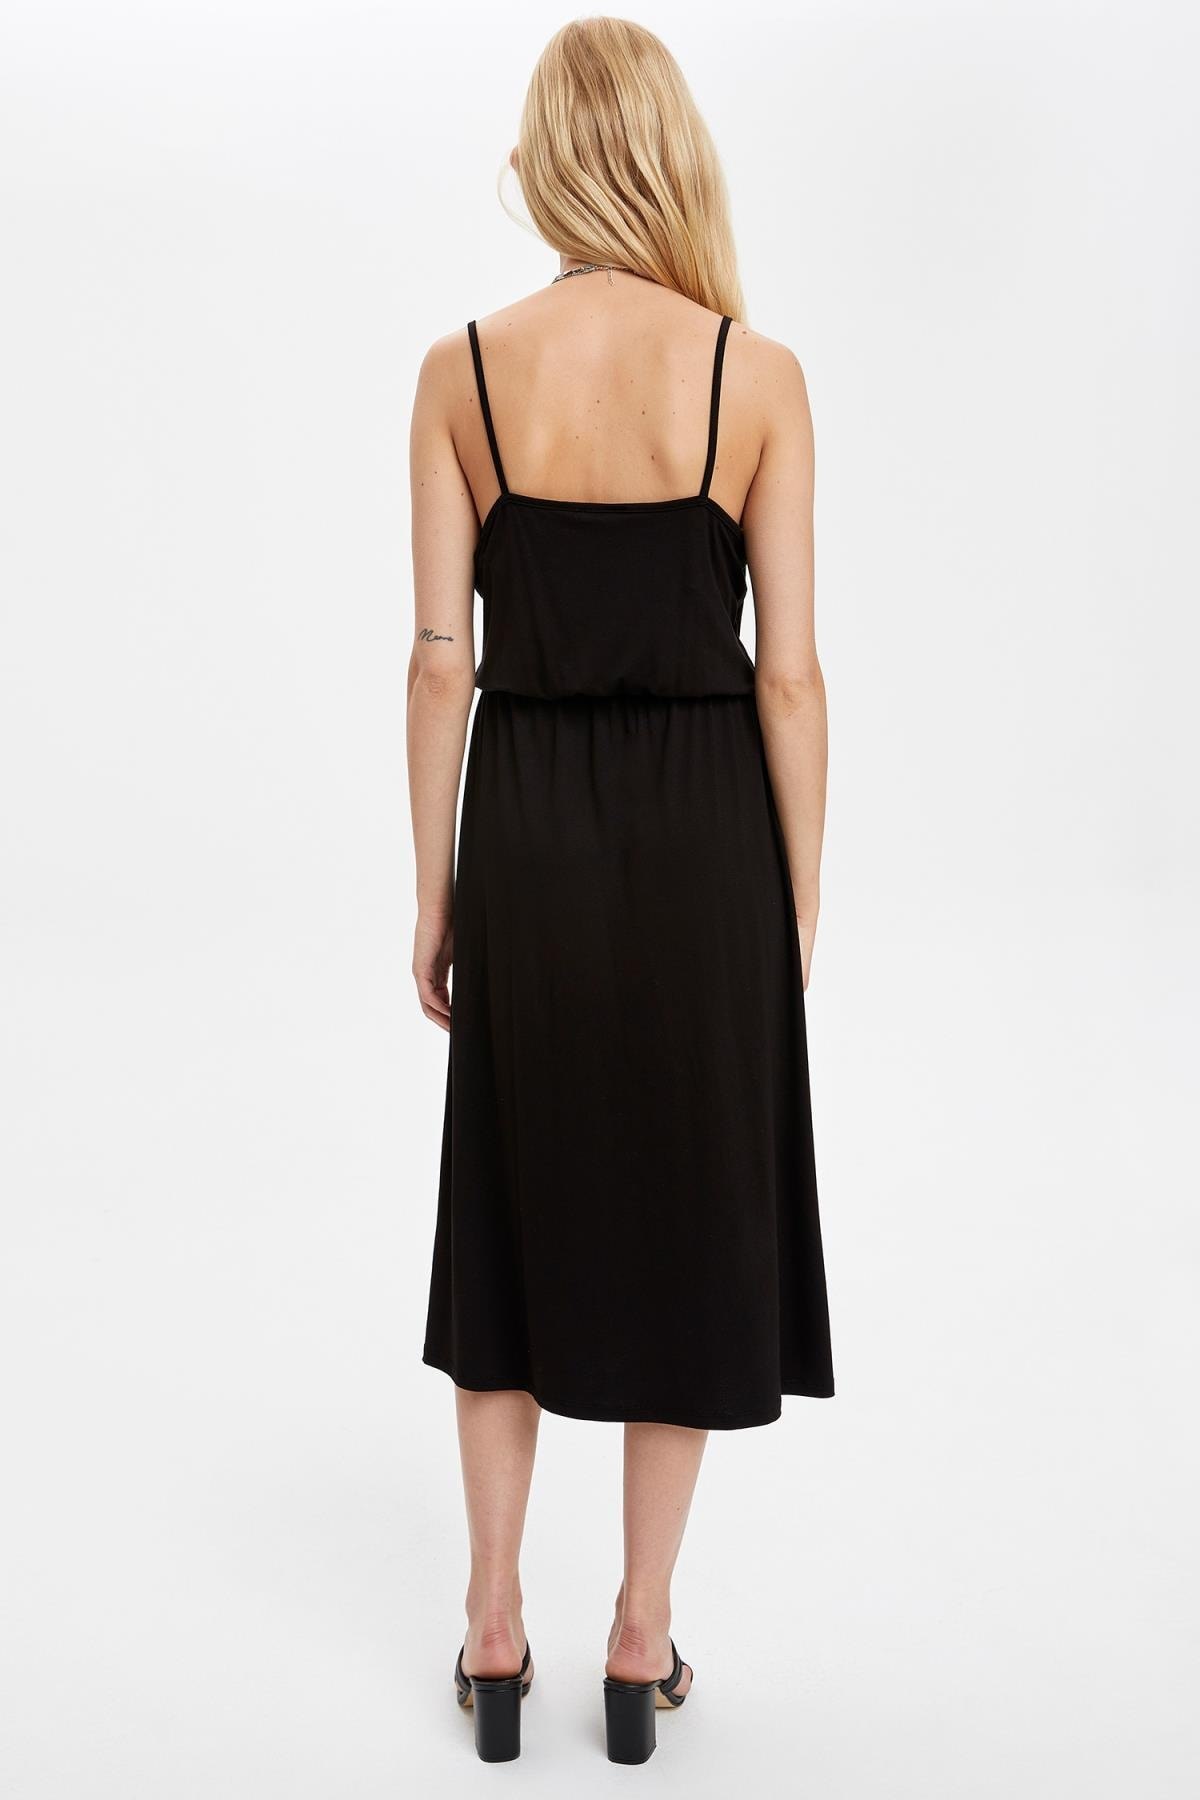 Defacto Kadın Siyah Kruvaze Yaka İnce Askılı Elbise S5170AZ20HS 3